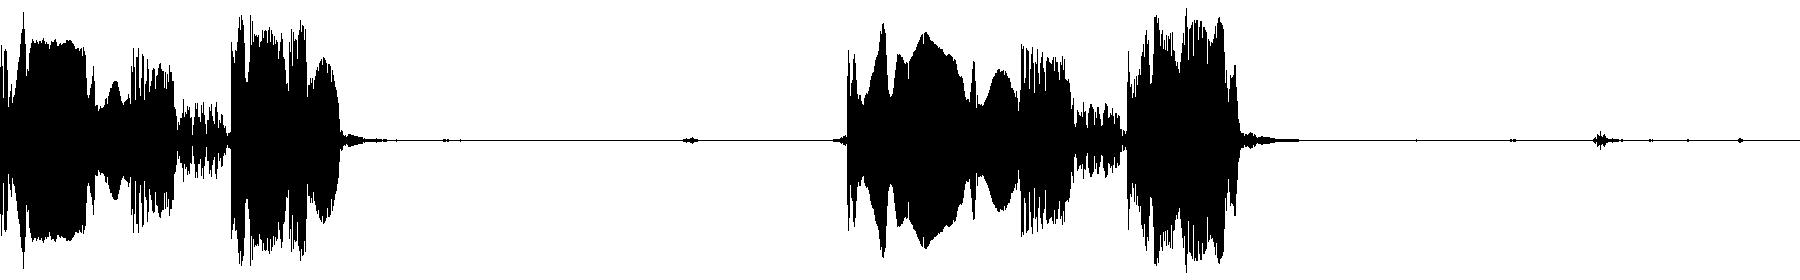 guitarfunk01 100